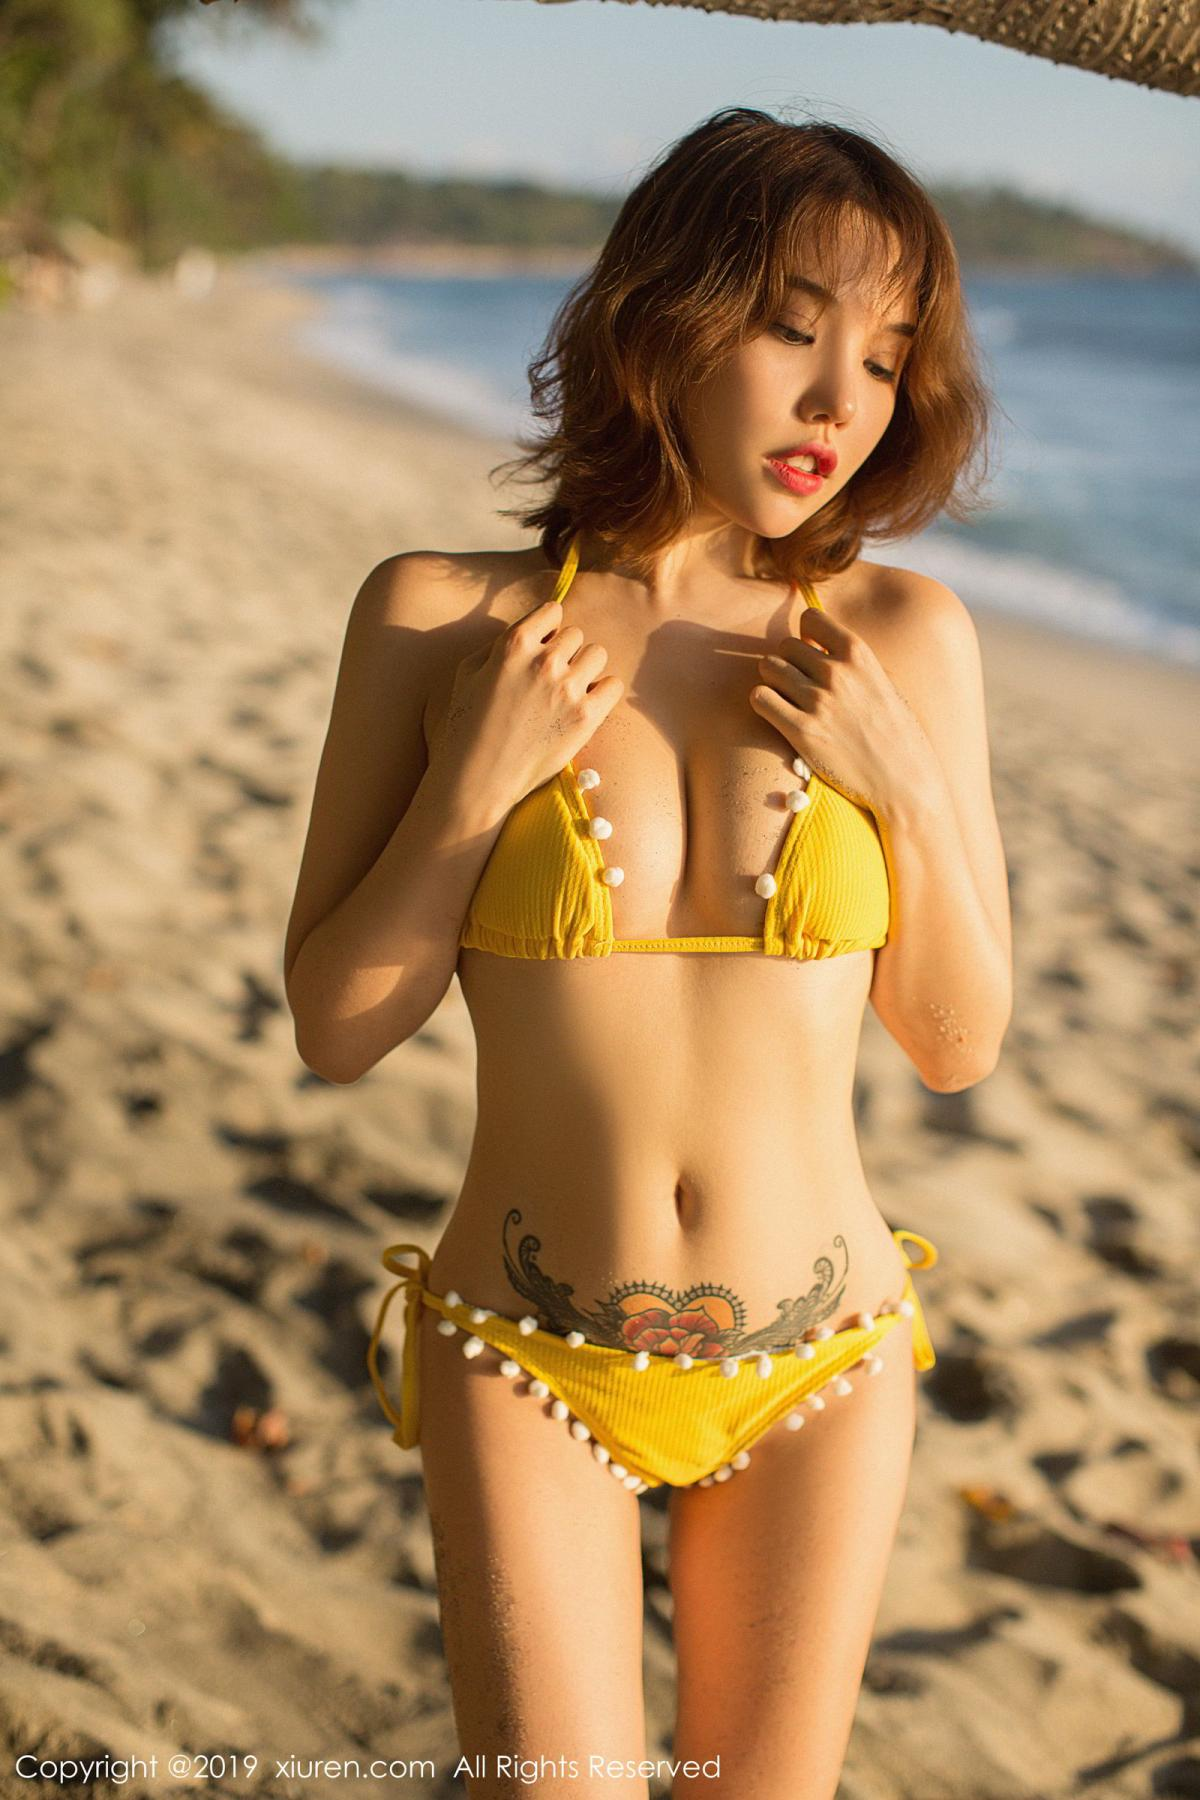 [XiuRen] Vol.1551 Huang Le Ran 51P, Beach, Bikini, Huang Le Ran, Xiuren